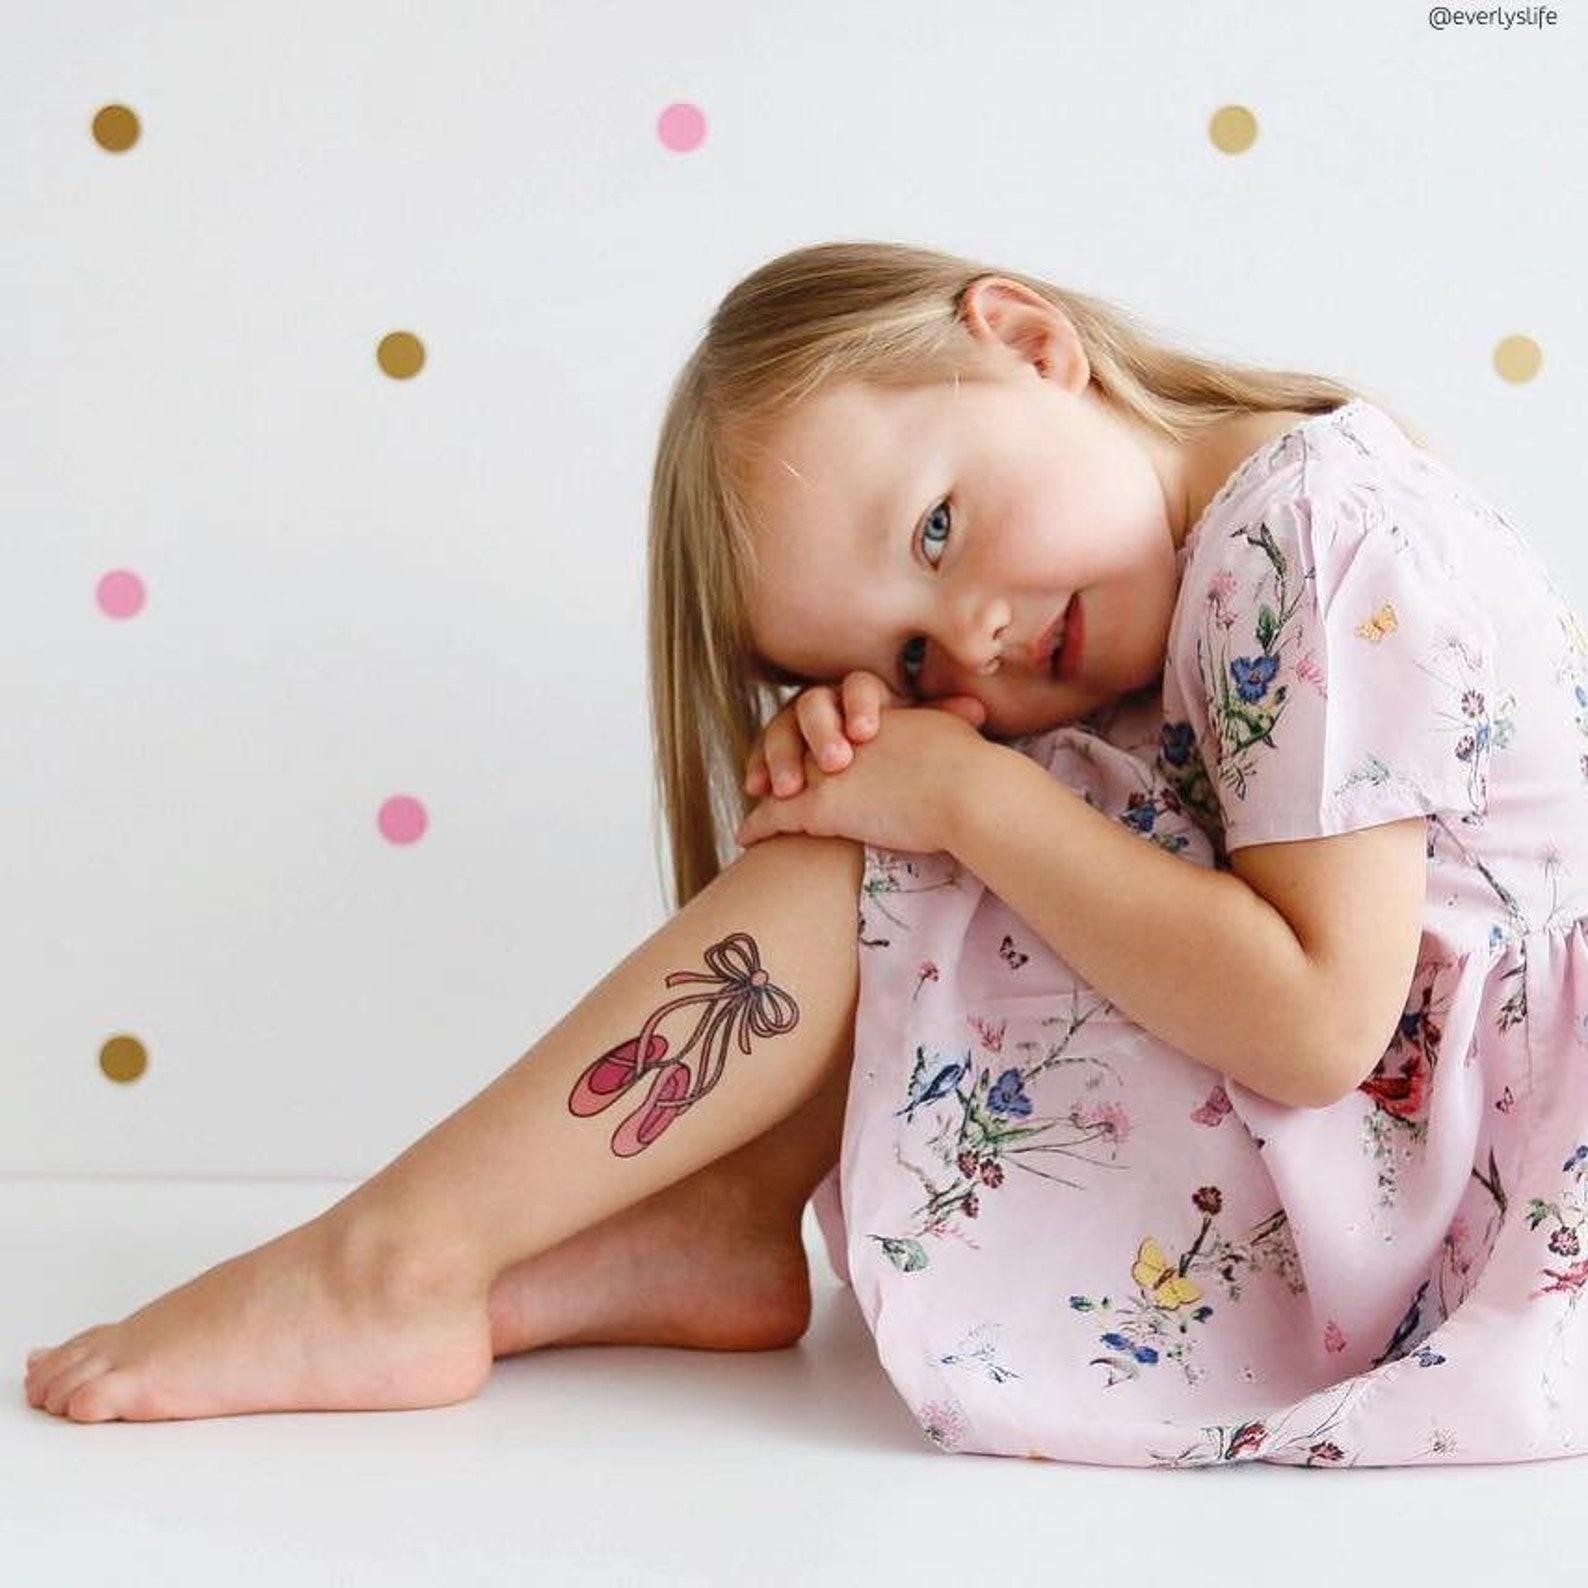 temporary tattoos pointe. set of 3 dancing ballet shoes tattoos. pink pointe kids tattoos, gift for little ballerina. ballet bir